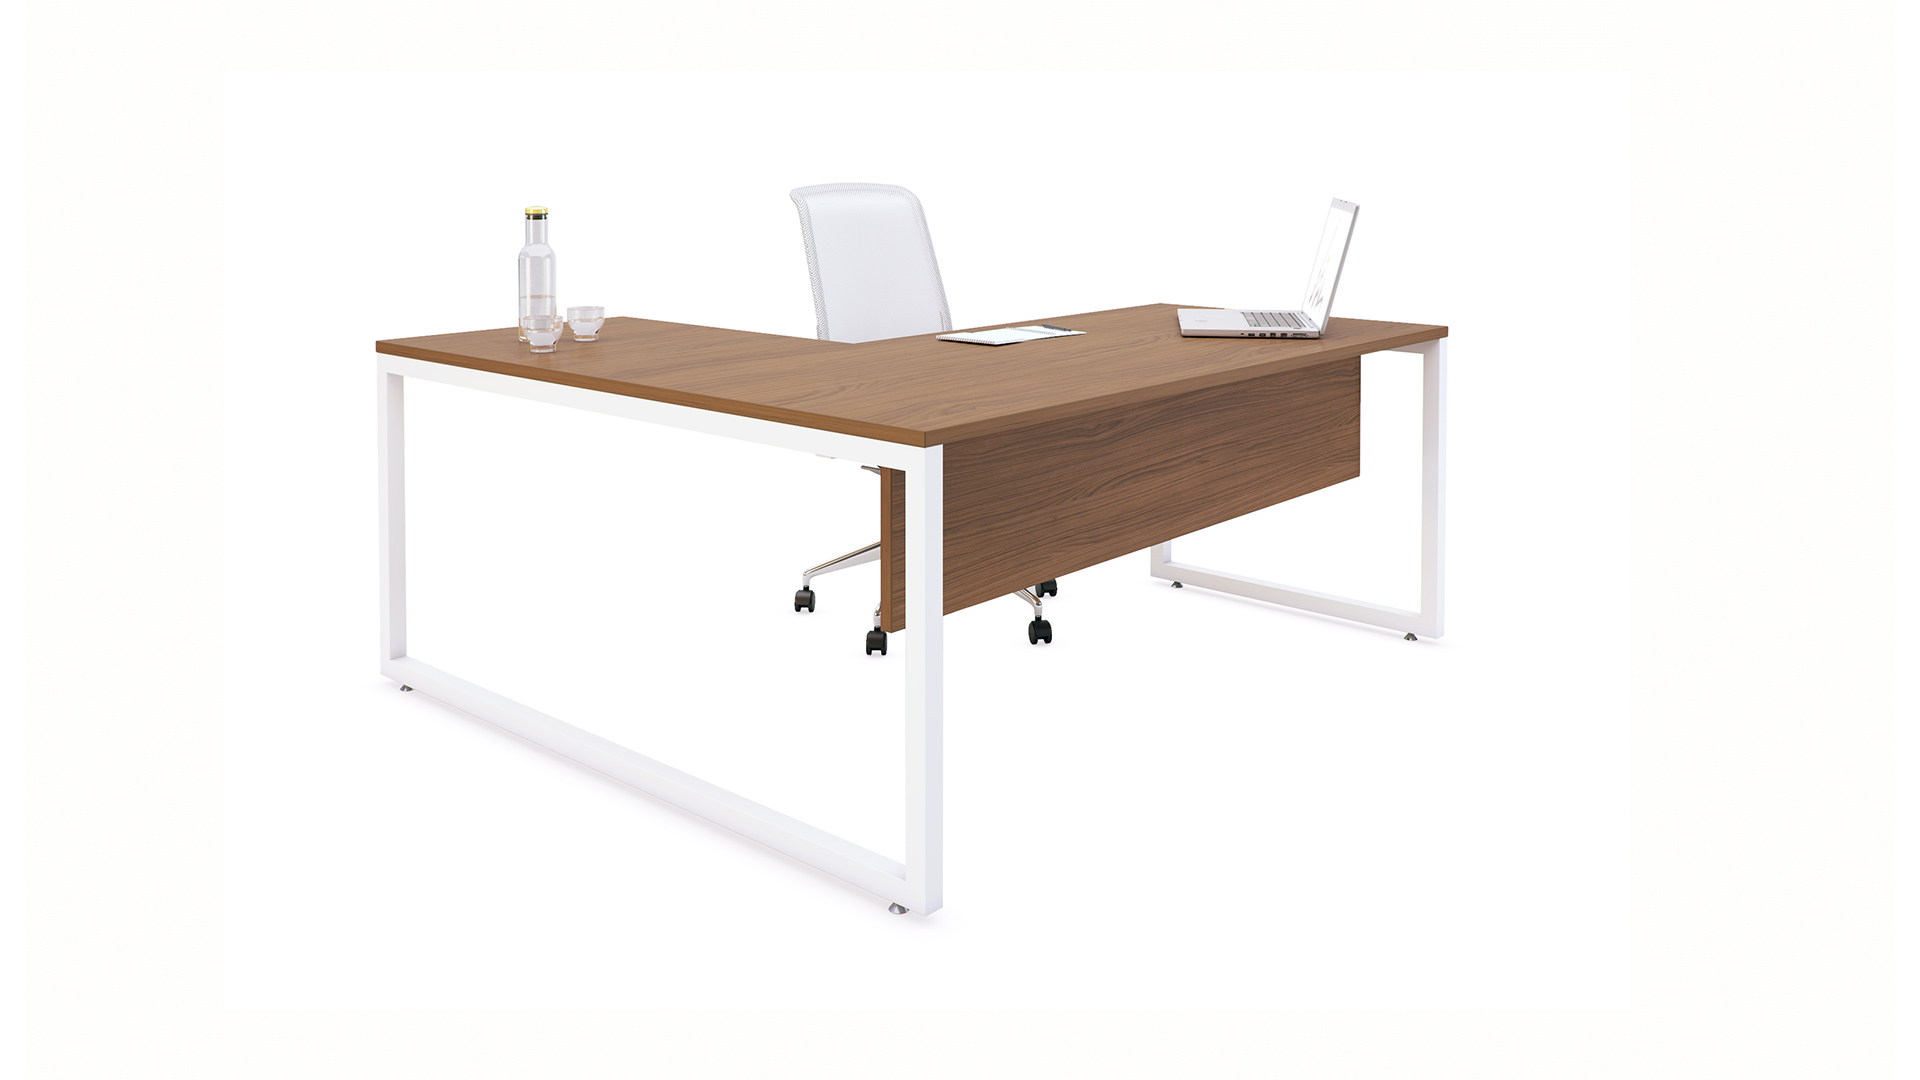 Mesa de Oficina M4 con separador - Atractiva y funcional - Limobel Inwo